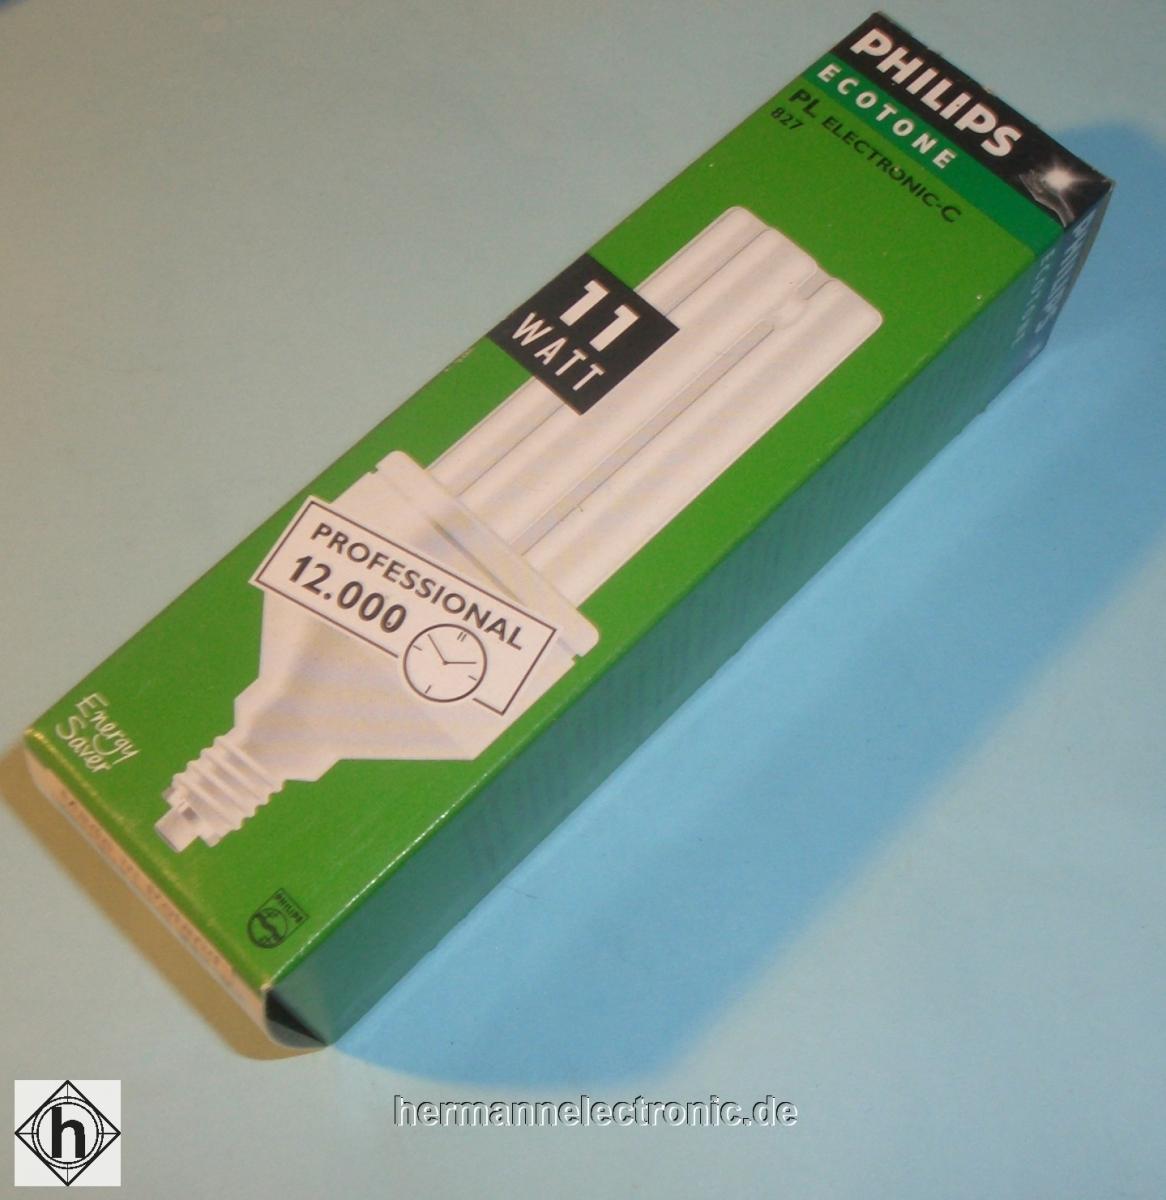 PhilipsPLEC PRO 11W E14 Entspricht der Leuchtkraft einer herkömmlichen 60 W Glühbirne 540508EEK:A